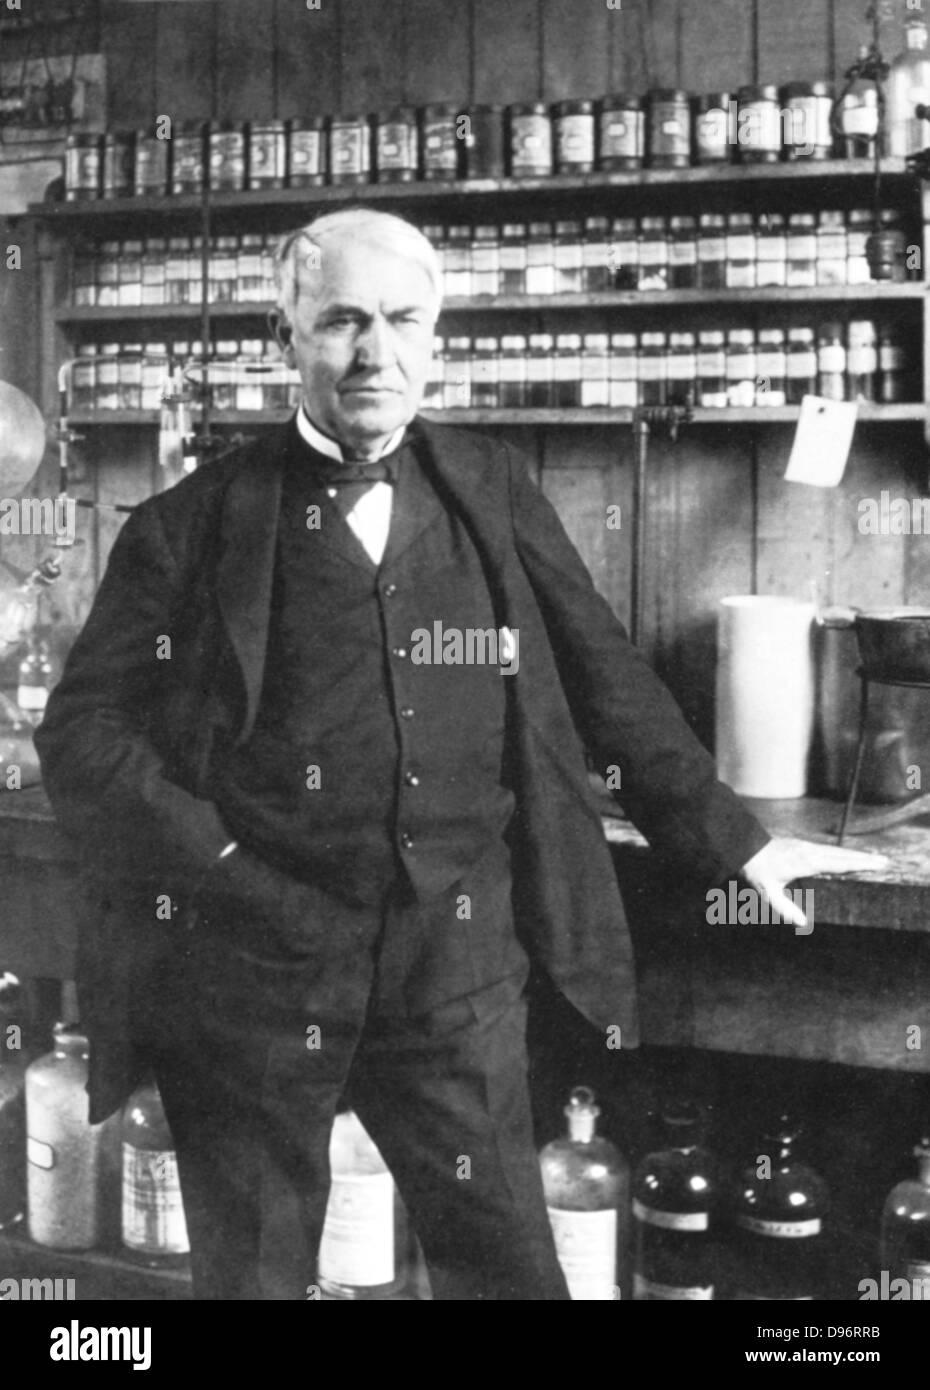 Thomas Alva Edison (1847-1931) inventore americano, nel suo laboratorio a Menlo Park, Immagini Stock